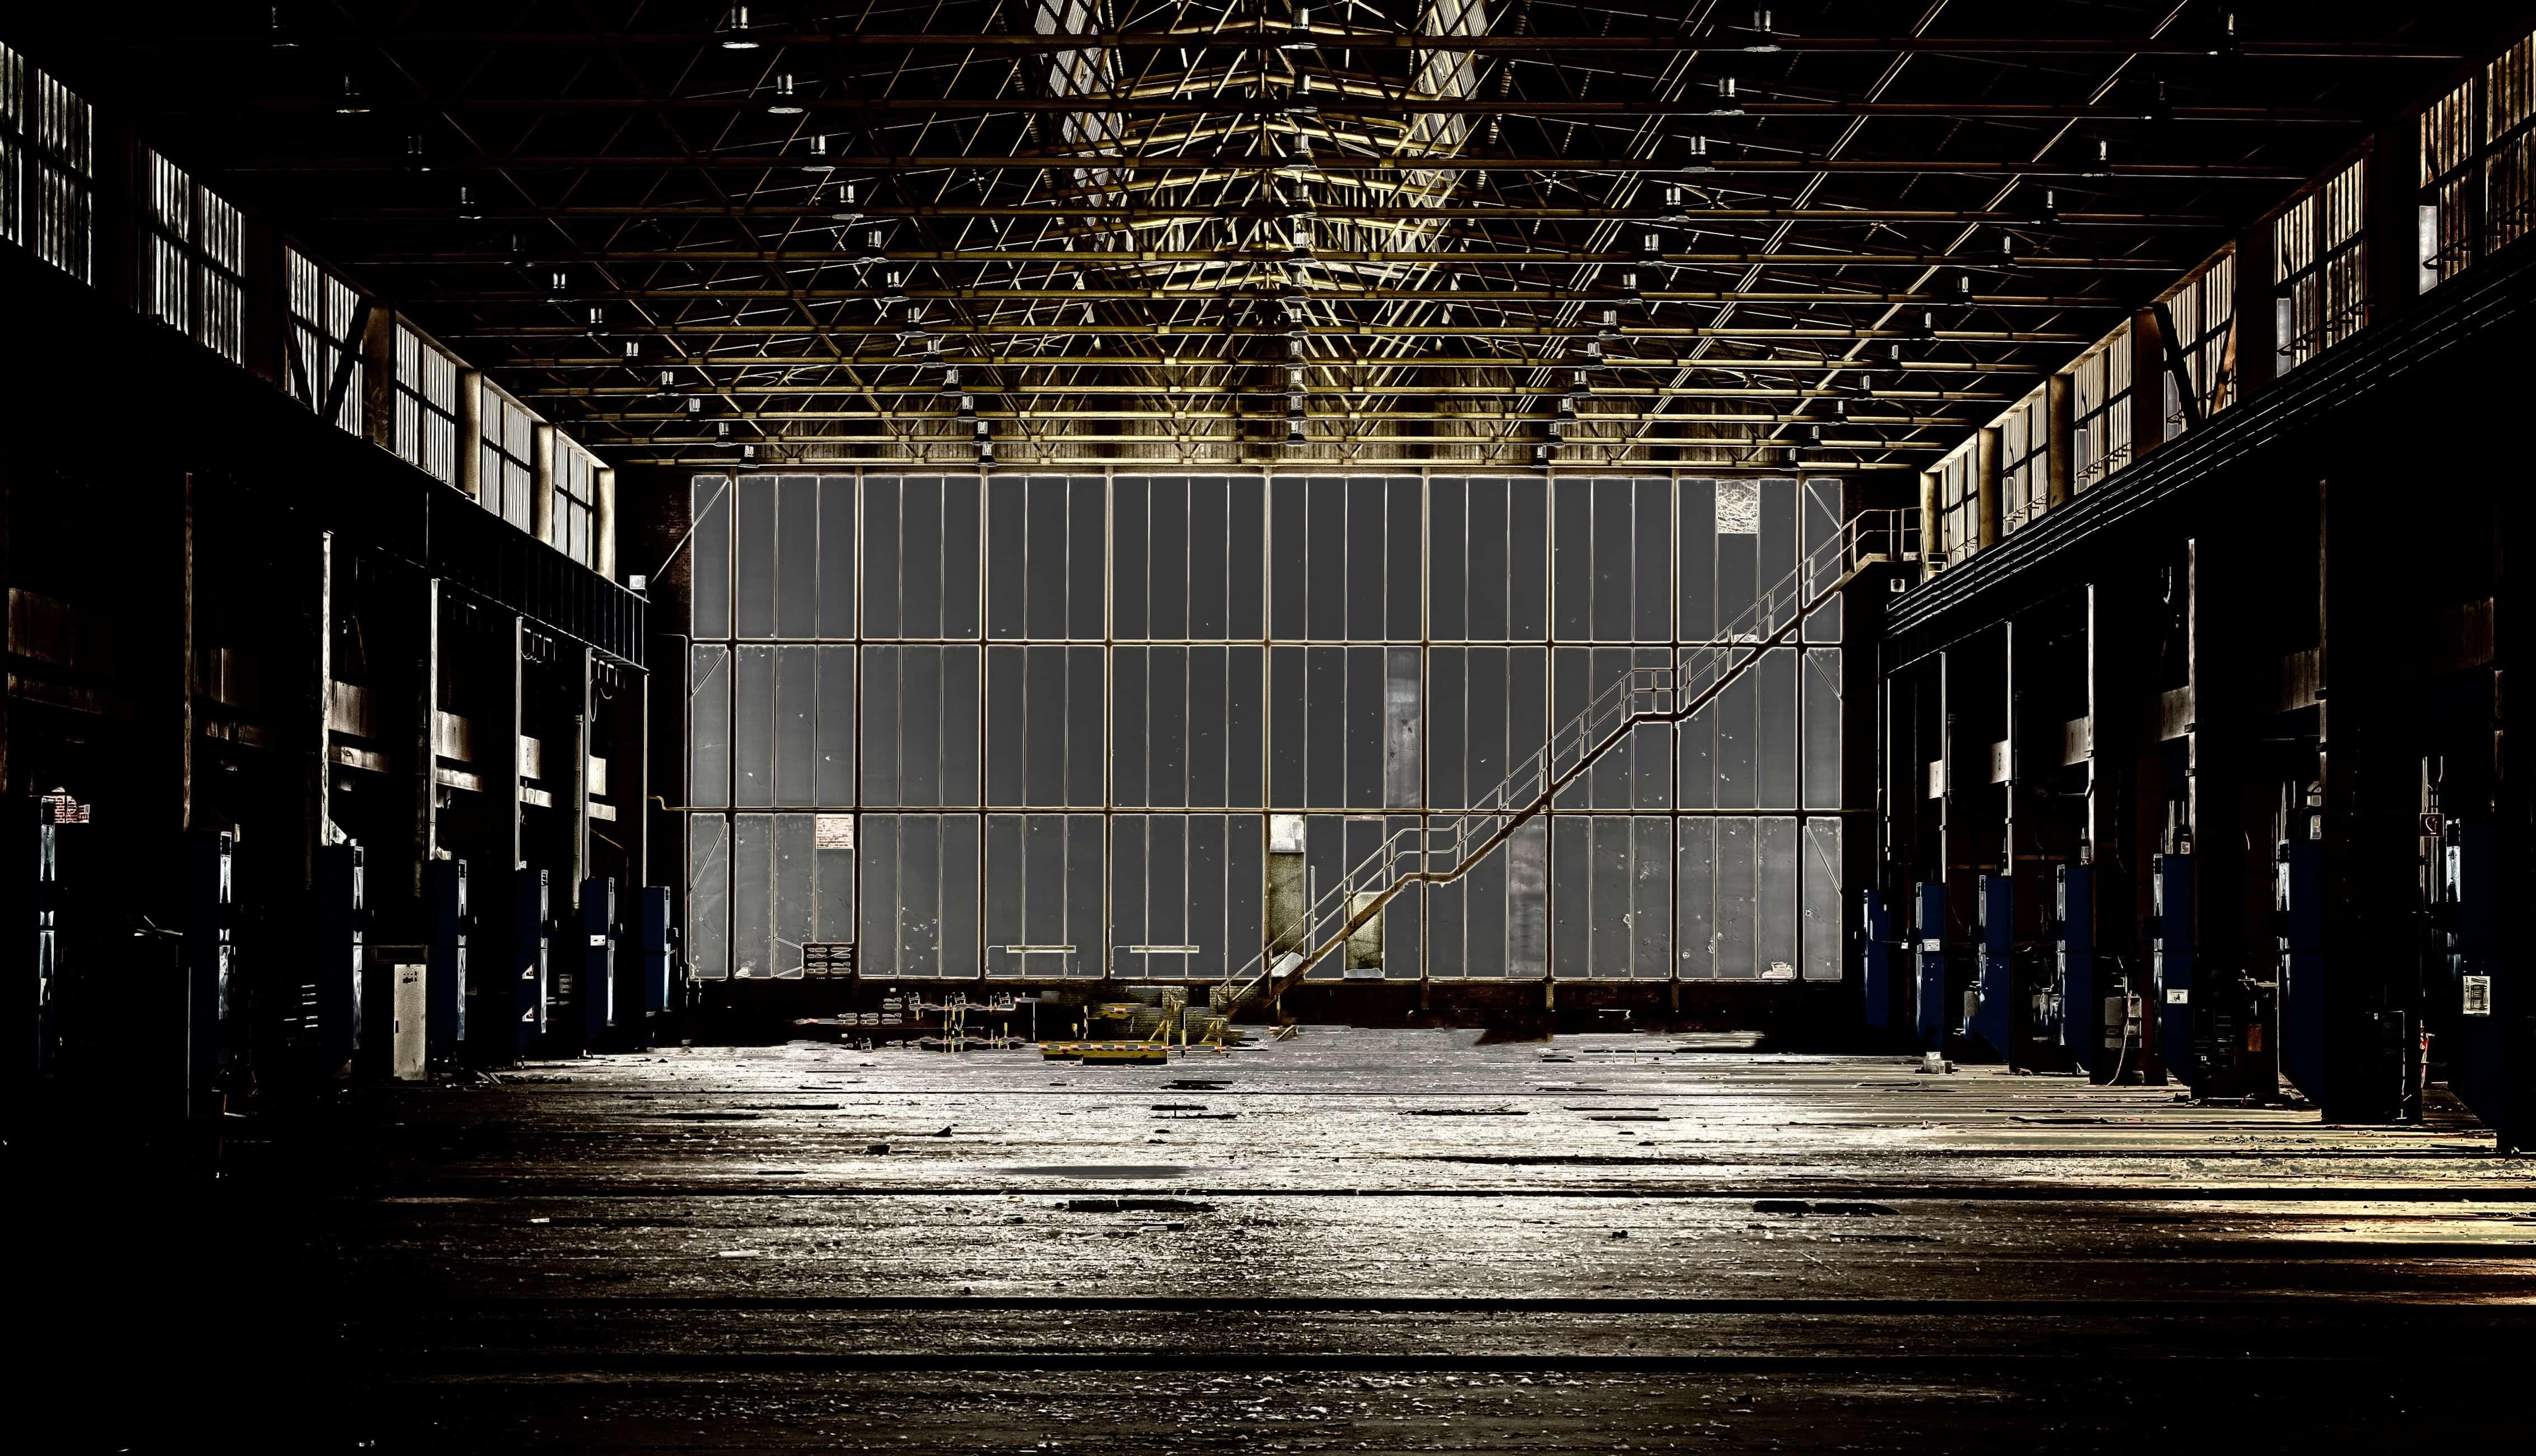 Imagen gratis construccin metal de interior escalera